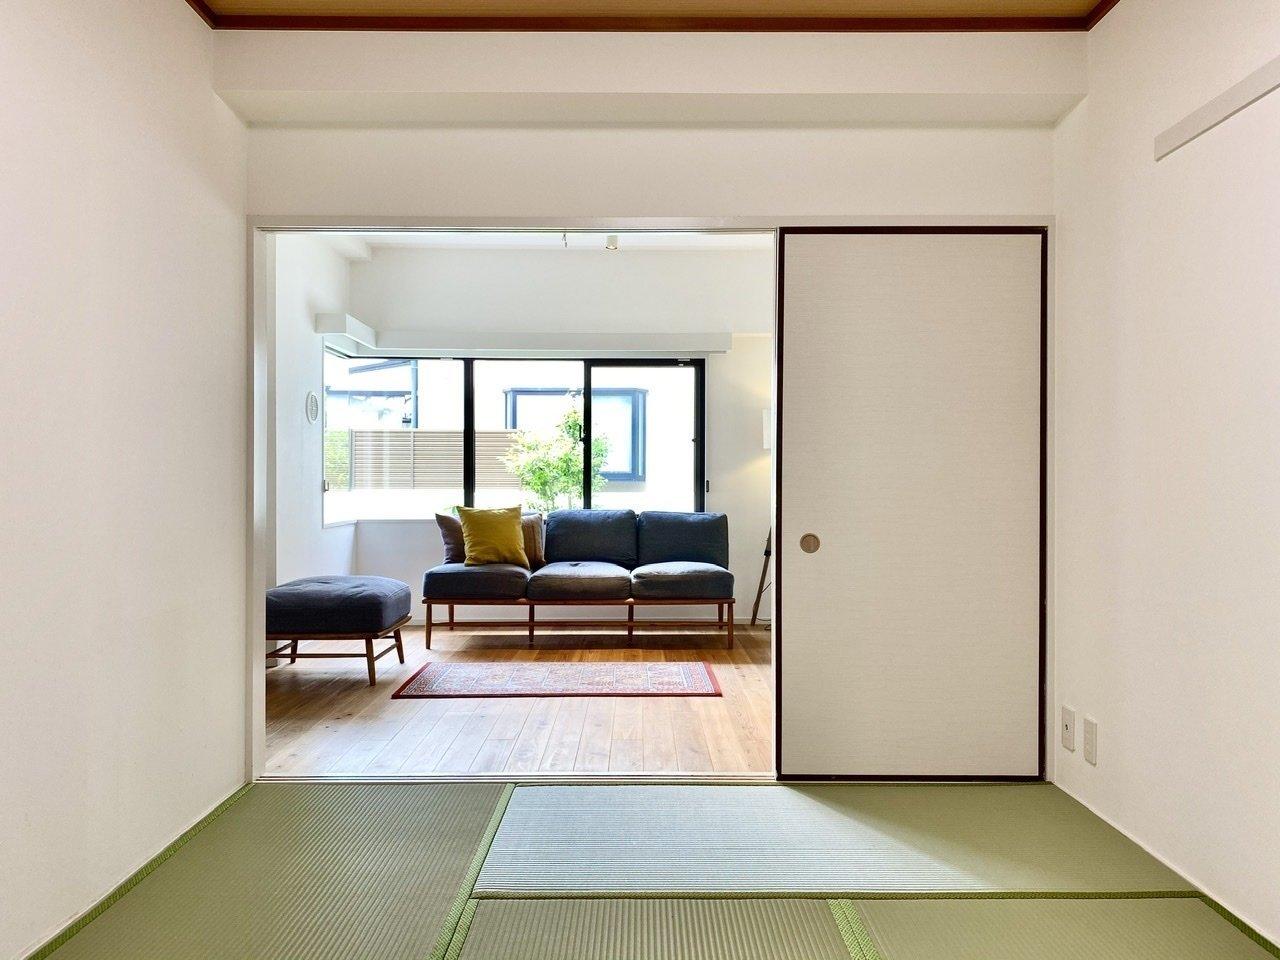 リビングから続くこのスペースは和室になっています。リビングからも見えやすいので、子どもの遊ぶスペースにしてあげてもいいかもしれません。